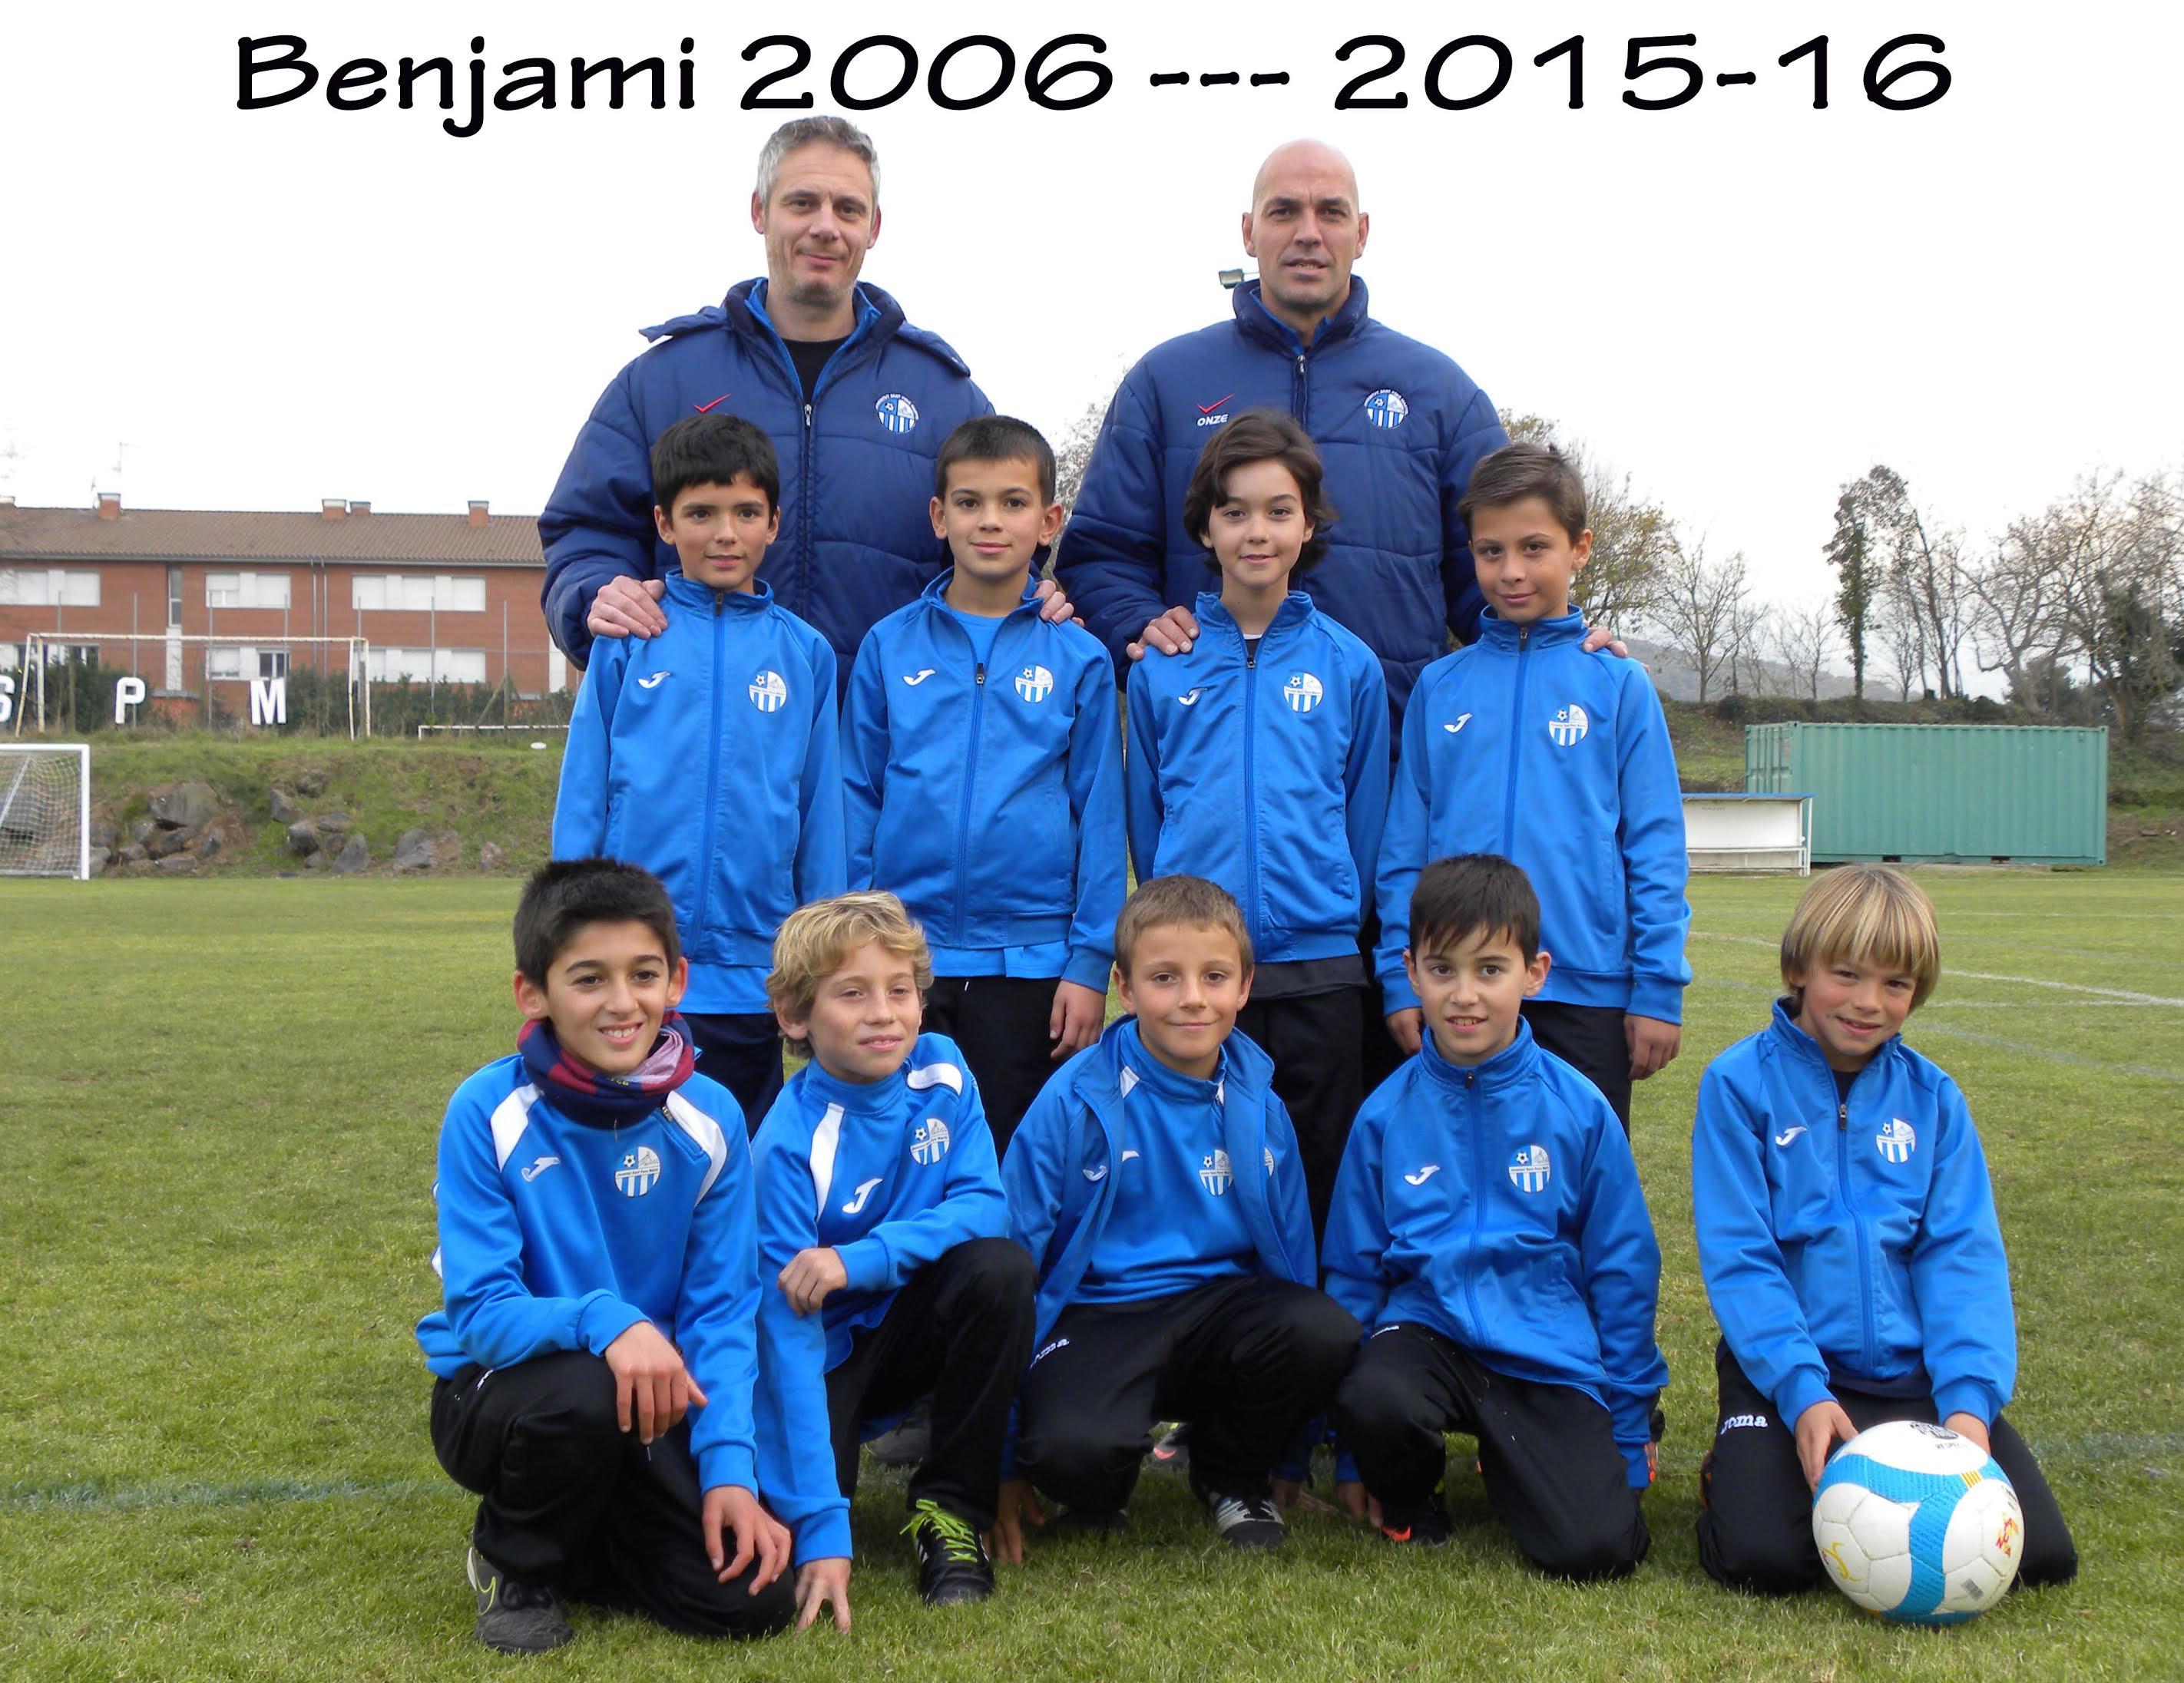 benjami 2006